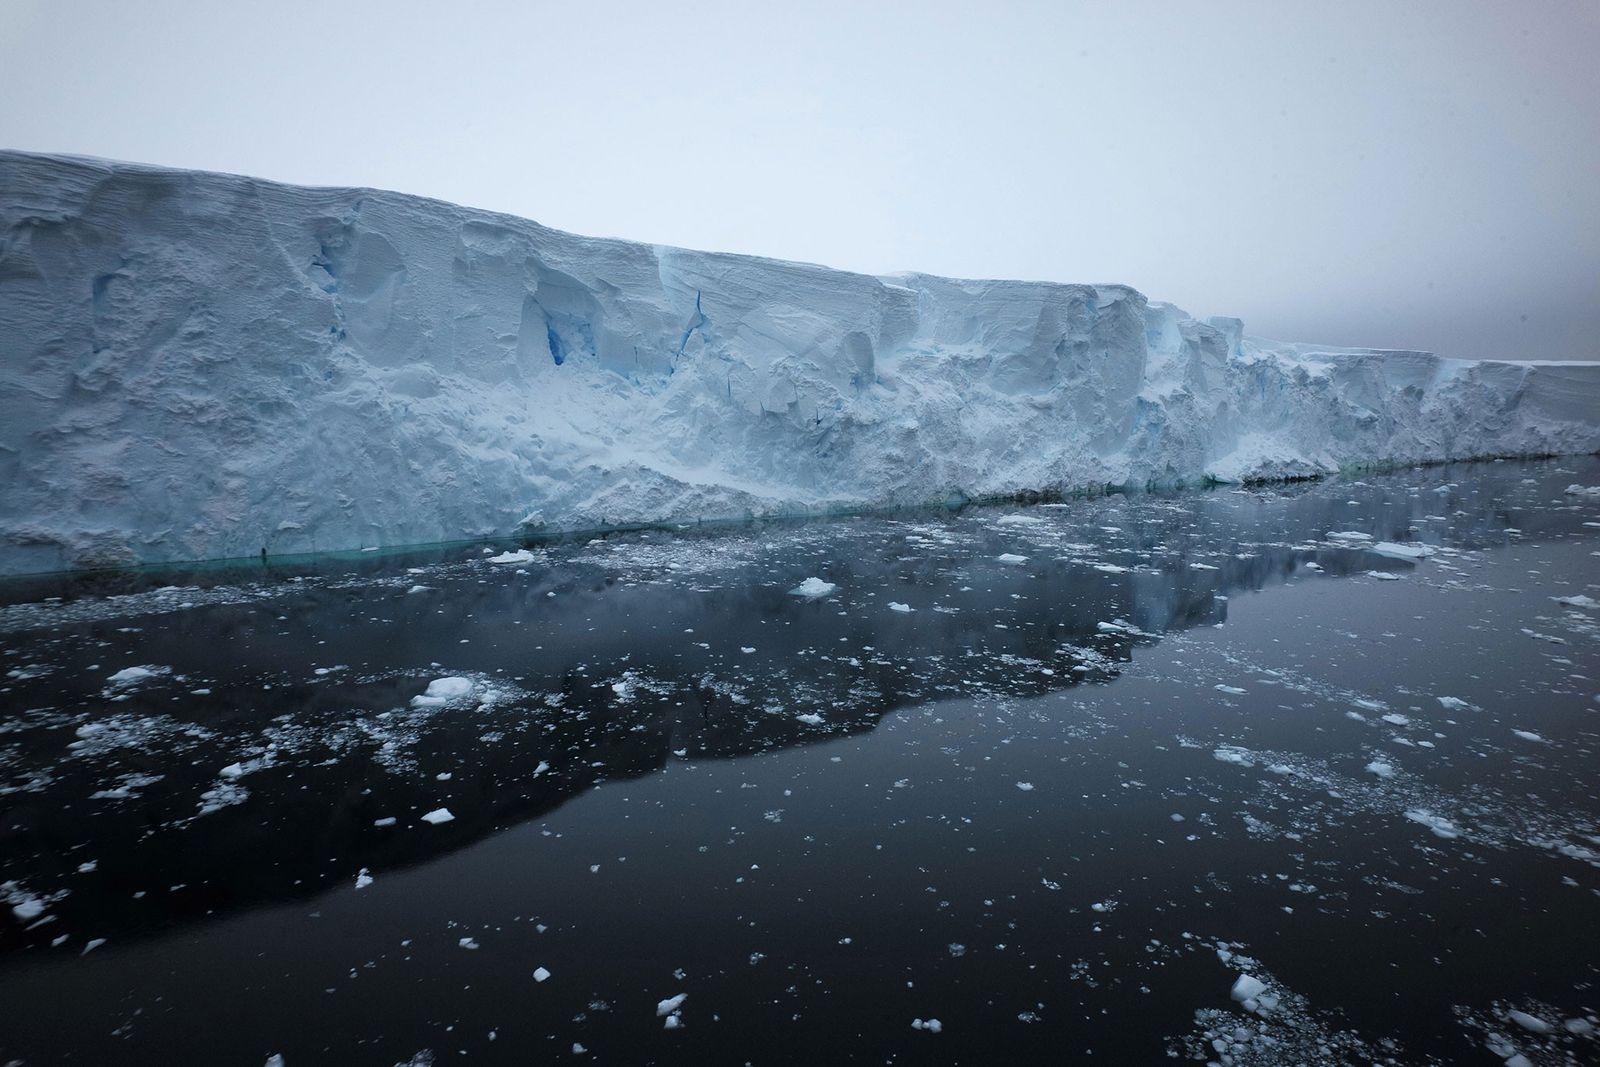 El frente del glaciar Thwaites